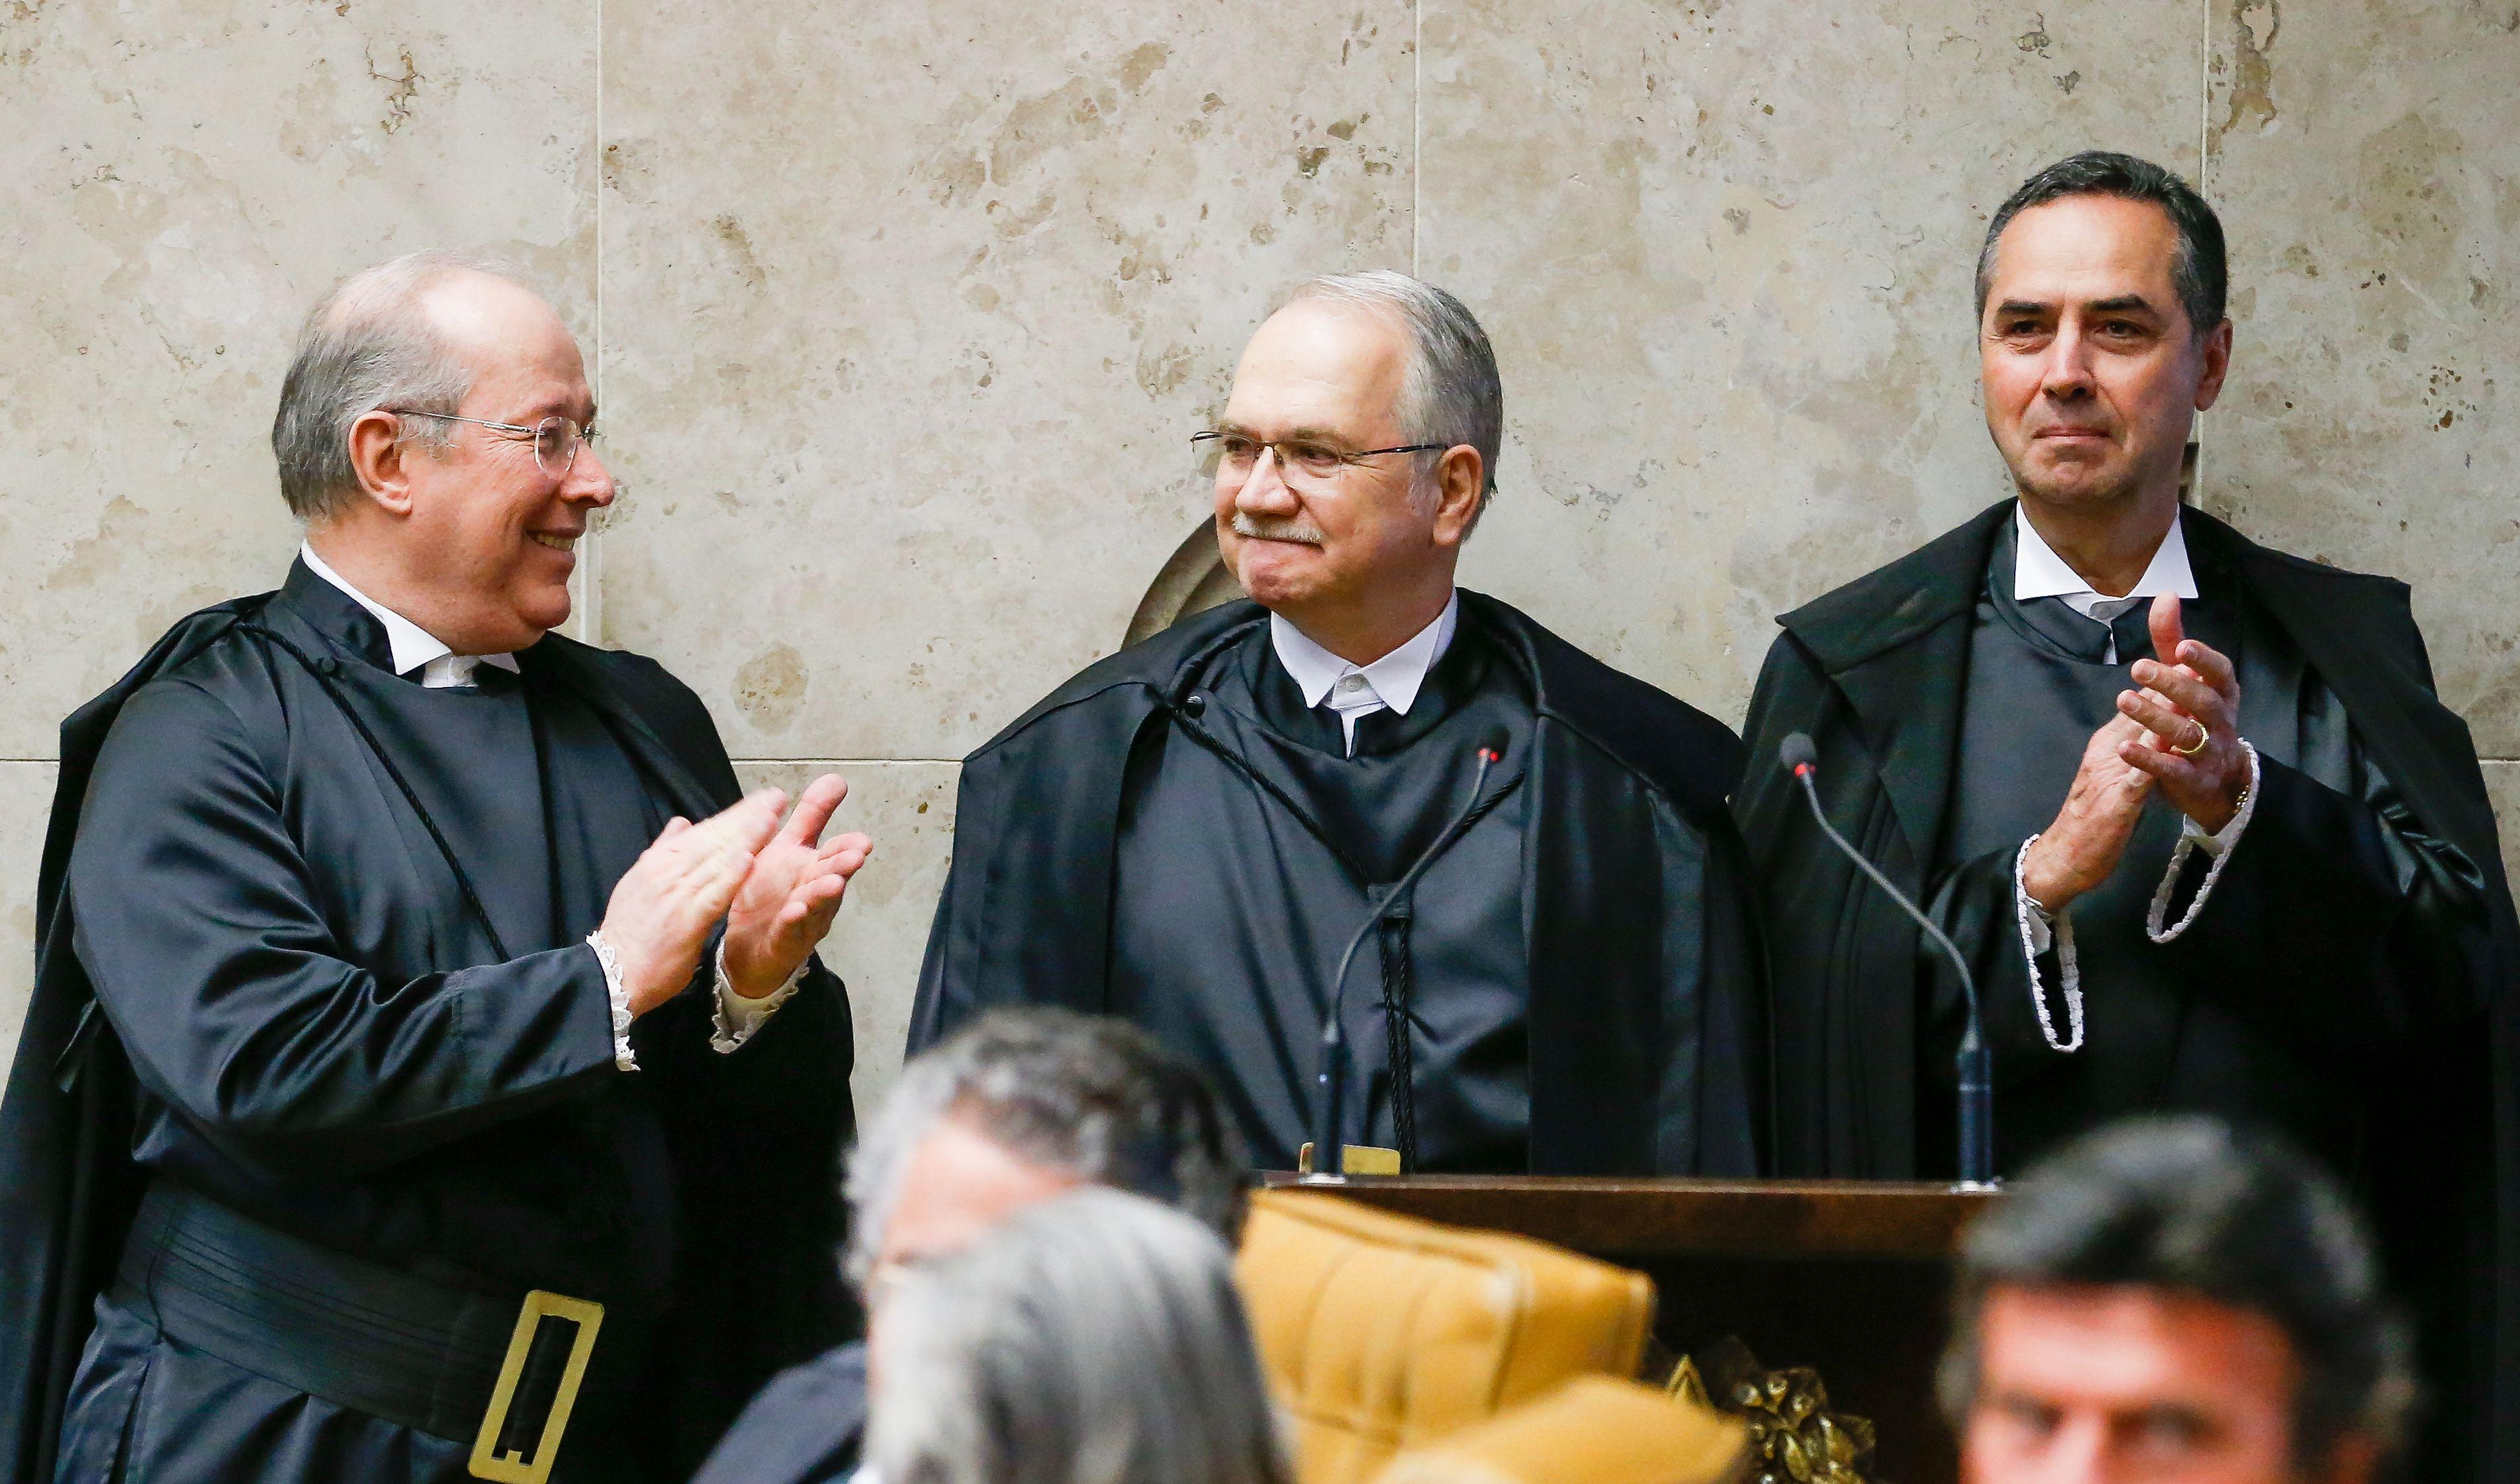 Cerimônia de posse do advogado e professor Luiz Edson Fachin / Pedro Ladeira/Folhapress